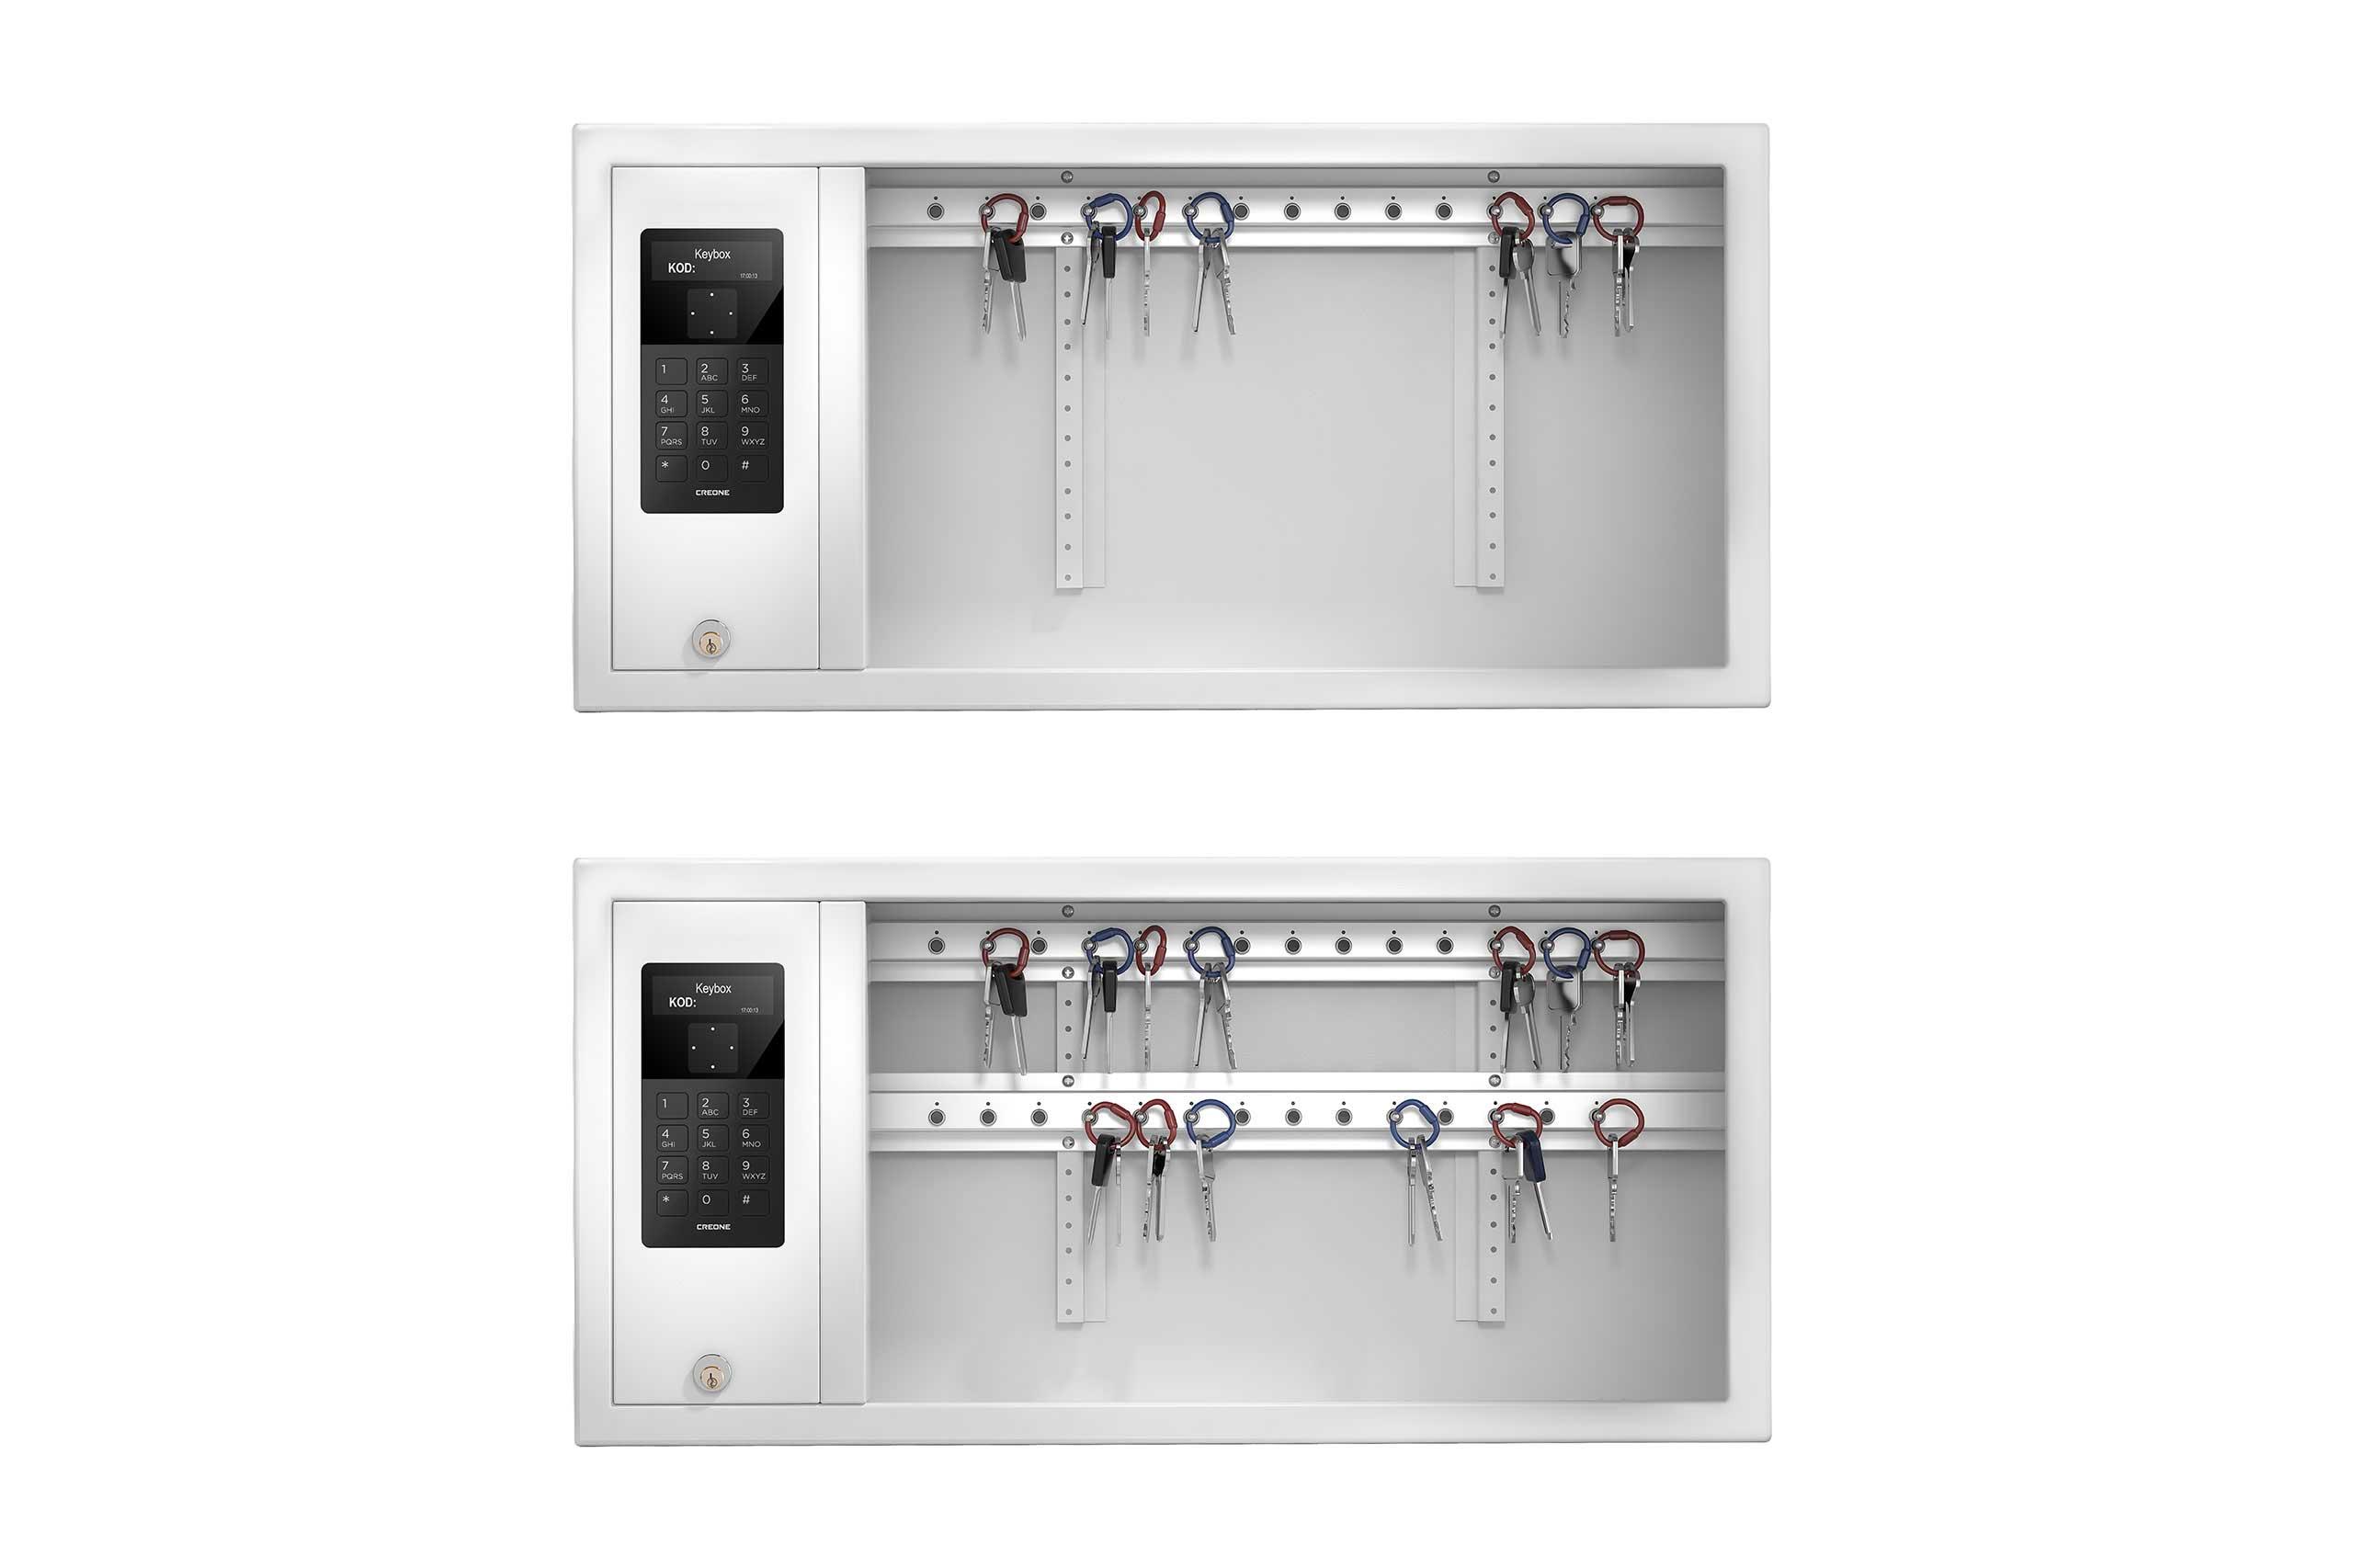 Zwei KeyBox-Schlüsselschränke des Modells 9400 SC mit zwei Schlüsselleisten für unterschiedliche Anforderungen an die Schlüsselaufbewahrung